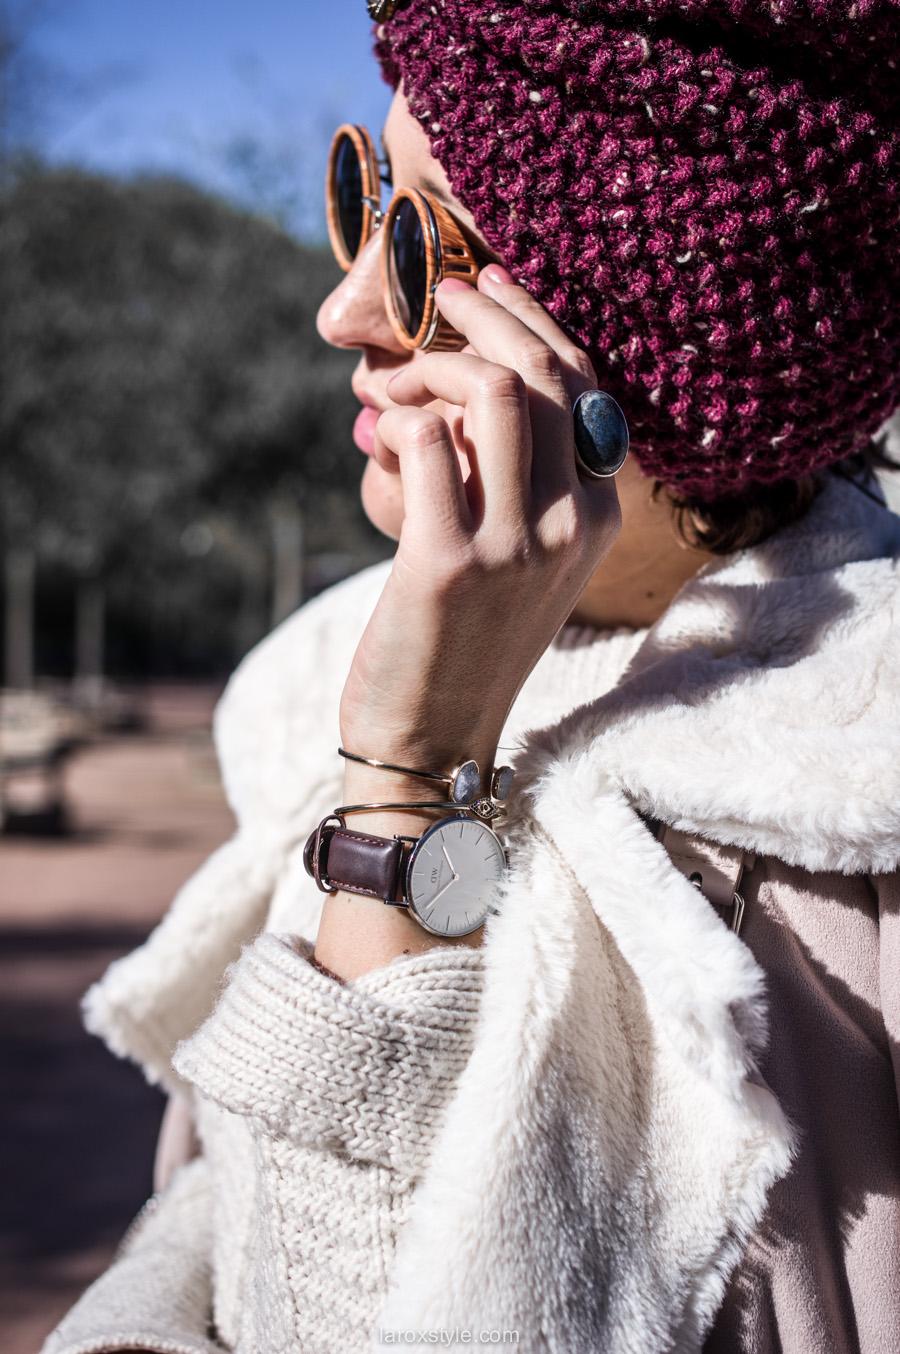 retro look - turban cheveux - pantalon pied de poule - laroxstyle blog mode lyon-14